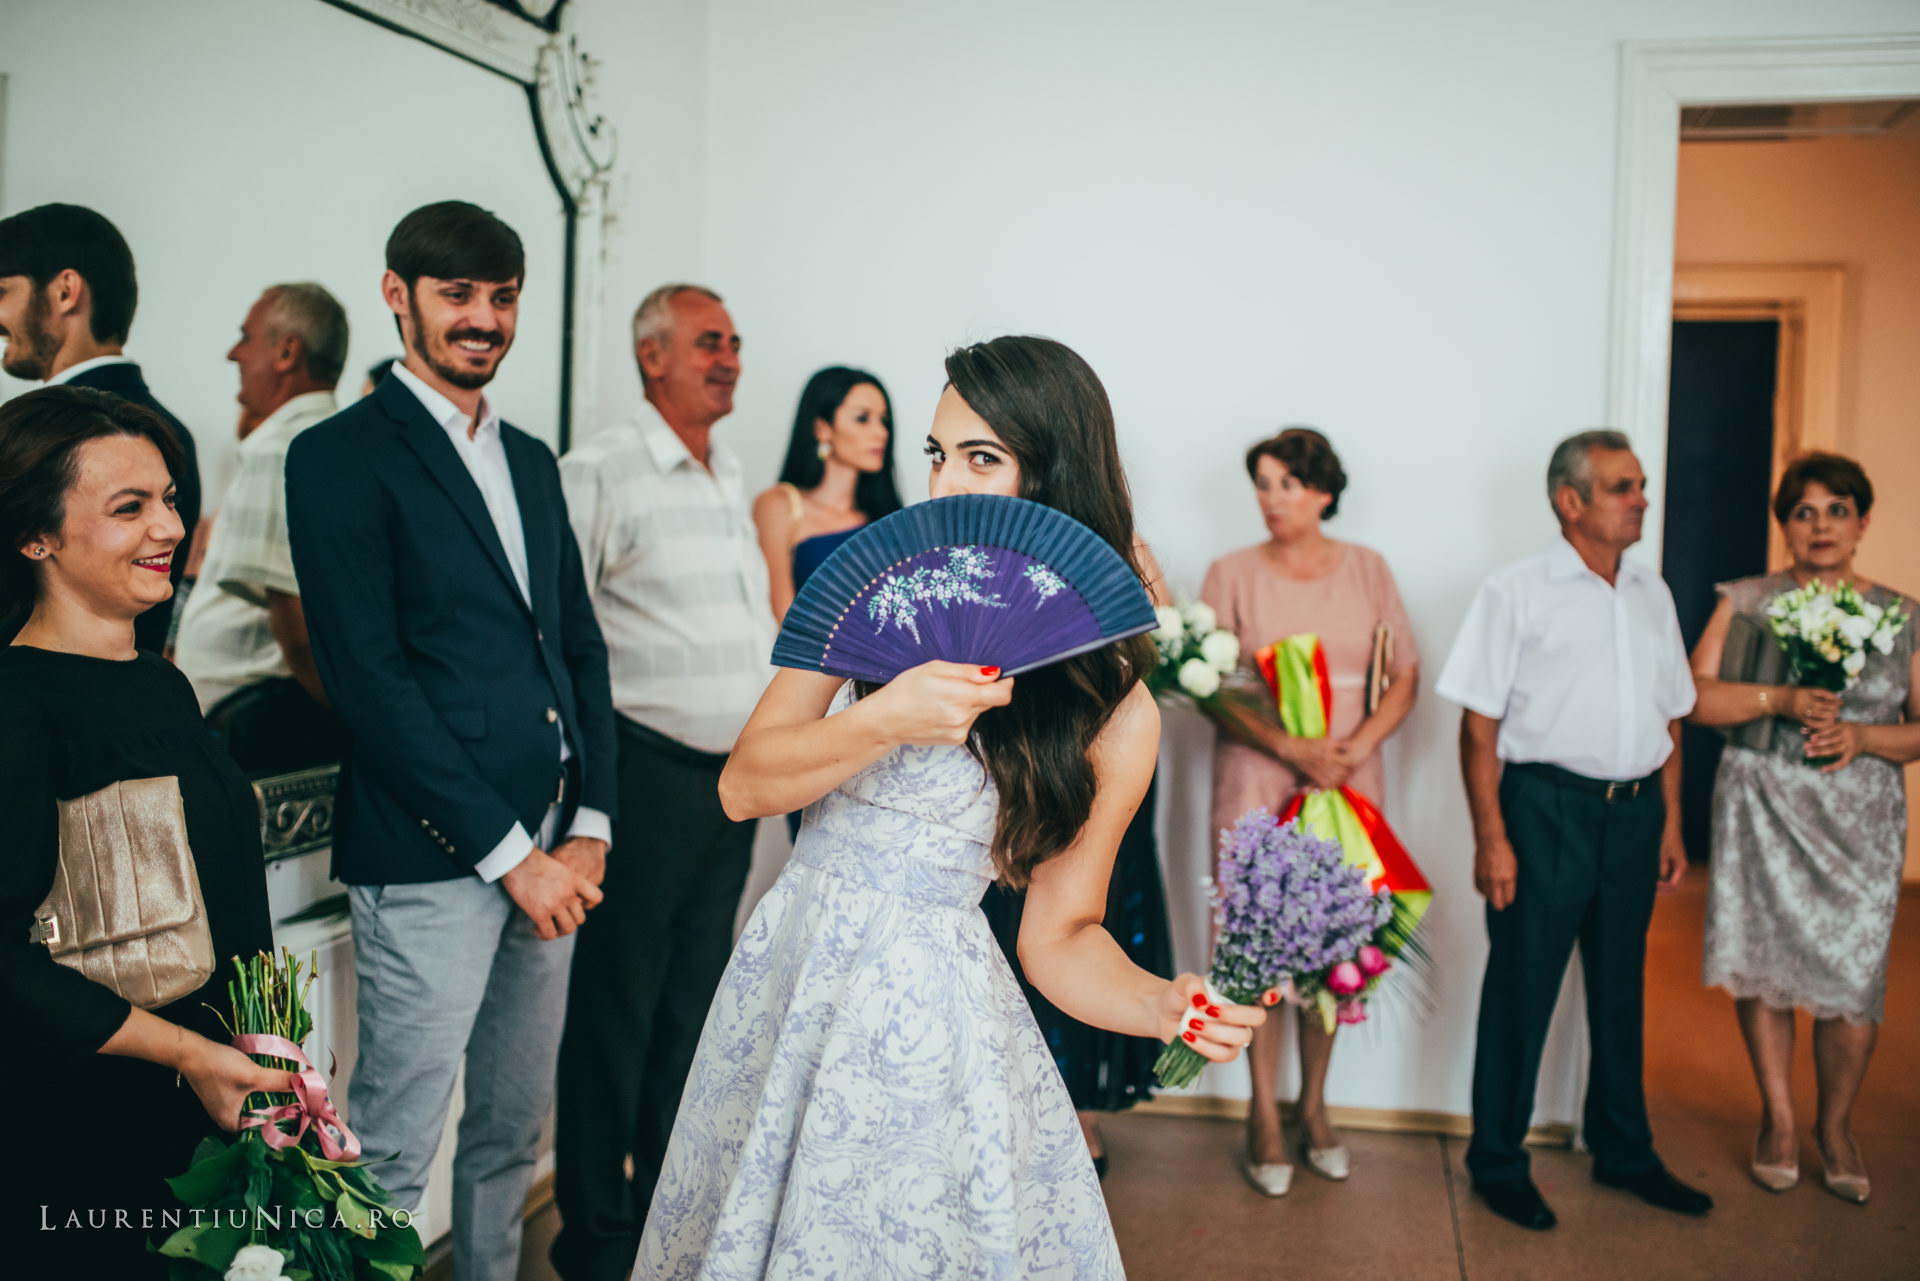 Cristina si Ovidiu nunta Craiova fotograf laurentiu nica 003 - Cristina & Ovidiu | Fotografii nunta | Craiova